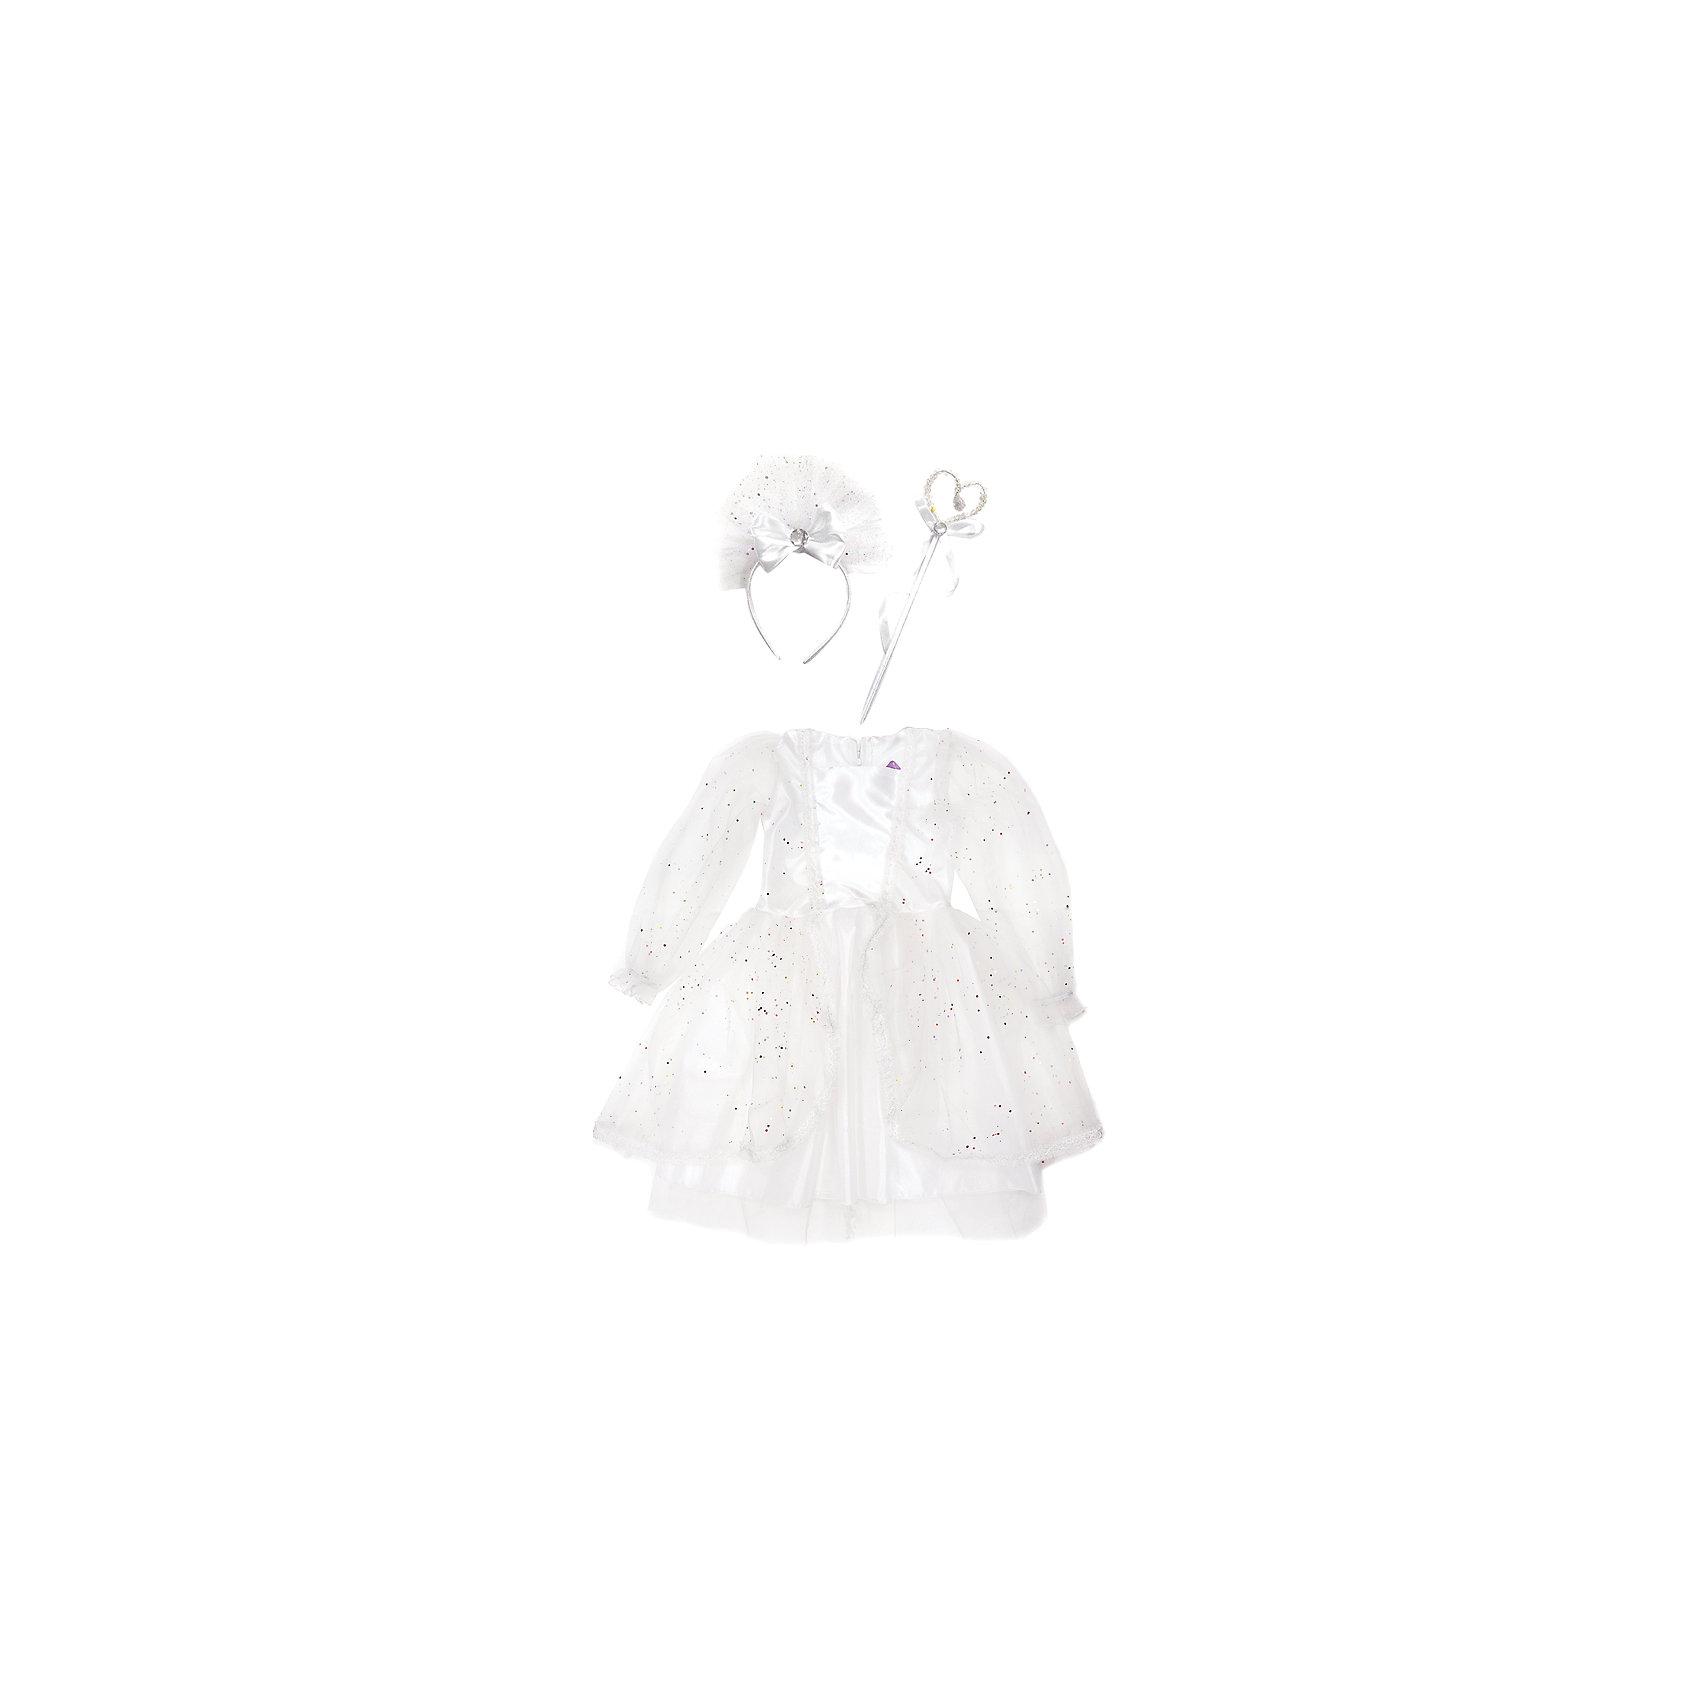 Костюм Снежная королева, 70 см, Новогодняя сказкаКарнавальные костюмы и аксессуары<br>Характеристики товара:<br><br>• цвет: белый<br>• комплектация: платье, ободок, палочка<br>• материал: текстиль, пластик<br>• для праздников и постановок<br>• упаковка: пакет<br>• длина платья: 70 см<br>• возраст: от 3 лет<br>• страна бренда: Российская Федерация<br>• страна изготовитель: Российская Федерация<br><br>Новогодние праздники - отличная возможность перевоплотиться в кого угодно, надев маскарадный костюм. Этот набор позволит ребенку мгновенно превратиться в Снежную королеву!<br>Он состоит из нескольких предметов, которые подойдут дошкольникам. Изделия удобно сидят и позволяют ребенку наслаждаться праздником или принимать участие в постановке. Модель хорошо проработана, сшита из качественных и проверенных материалов, которые безопасны для детей.<br><br>Костюм Снежная королева, 70 см, от бренда Новогодняя сказка можно купить в нашем интернет-магазине.<br><br>Ширина мм: 455<br>Глубина мм: 690<br>Высота мм: 30<br>Вес г: 200<br>Возраст от месяцев: 60<br>Возраст до месяцев: 120<br>Пол: Женский<br>Возраст: Детский<br>SKU: 5177230